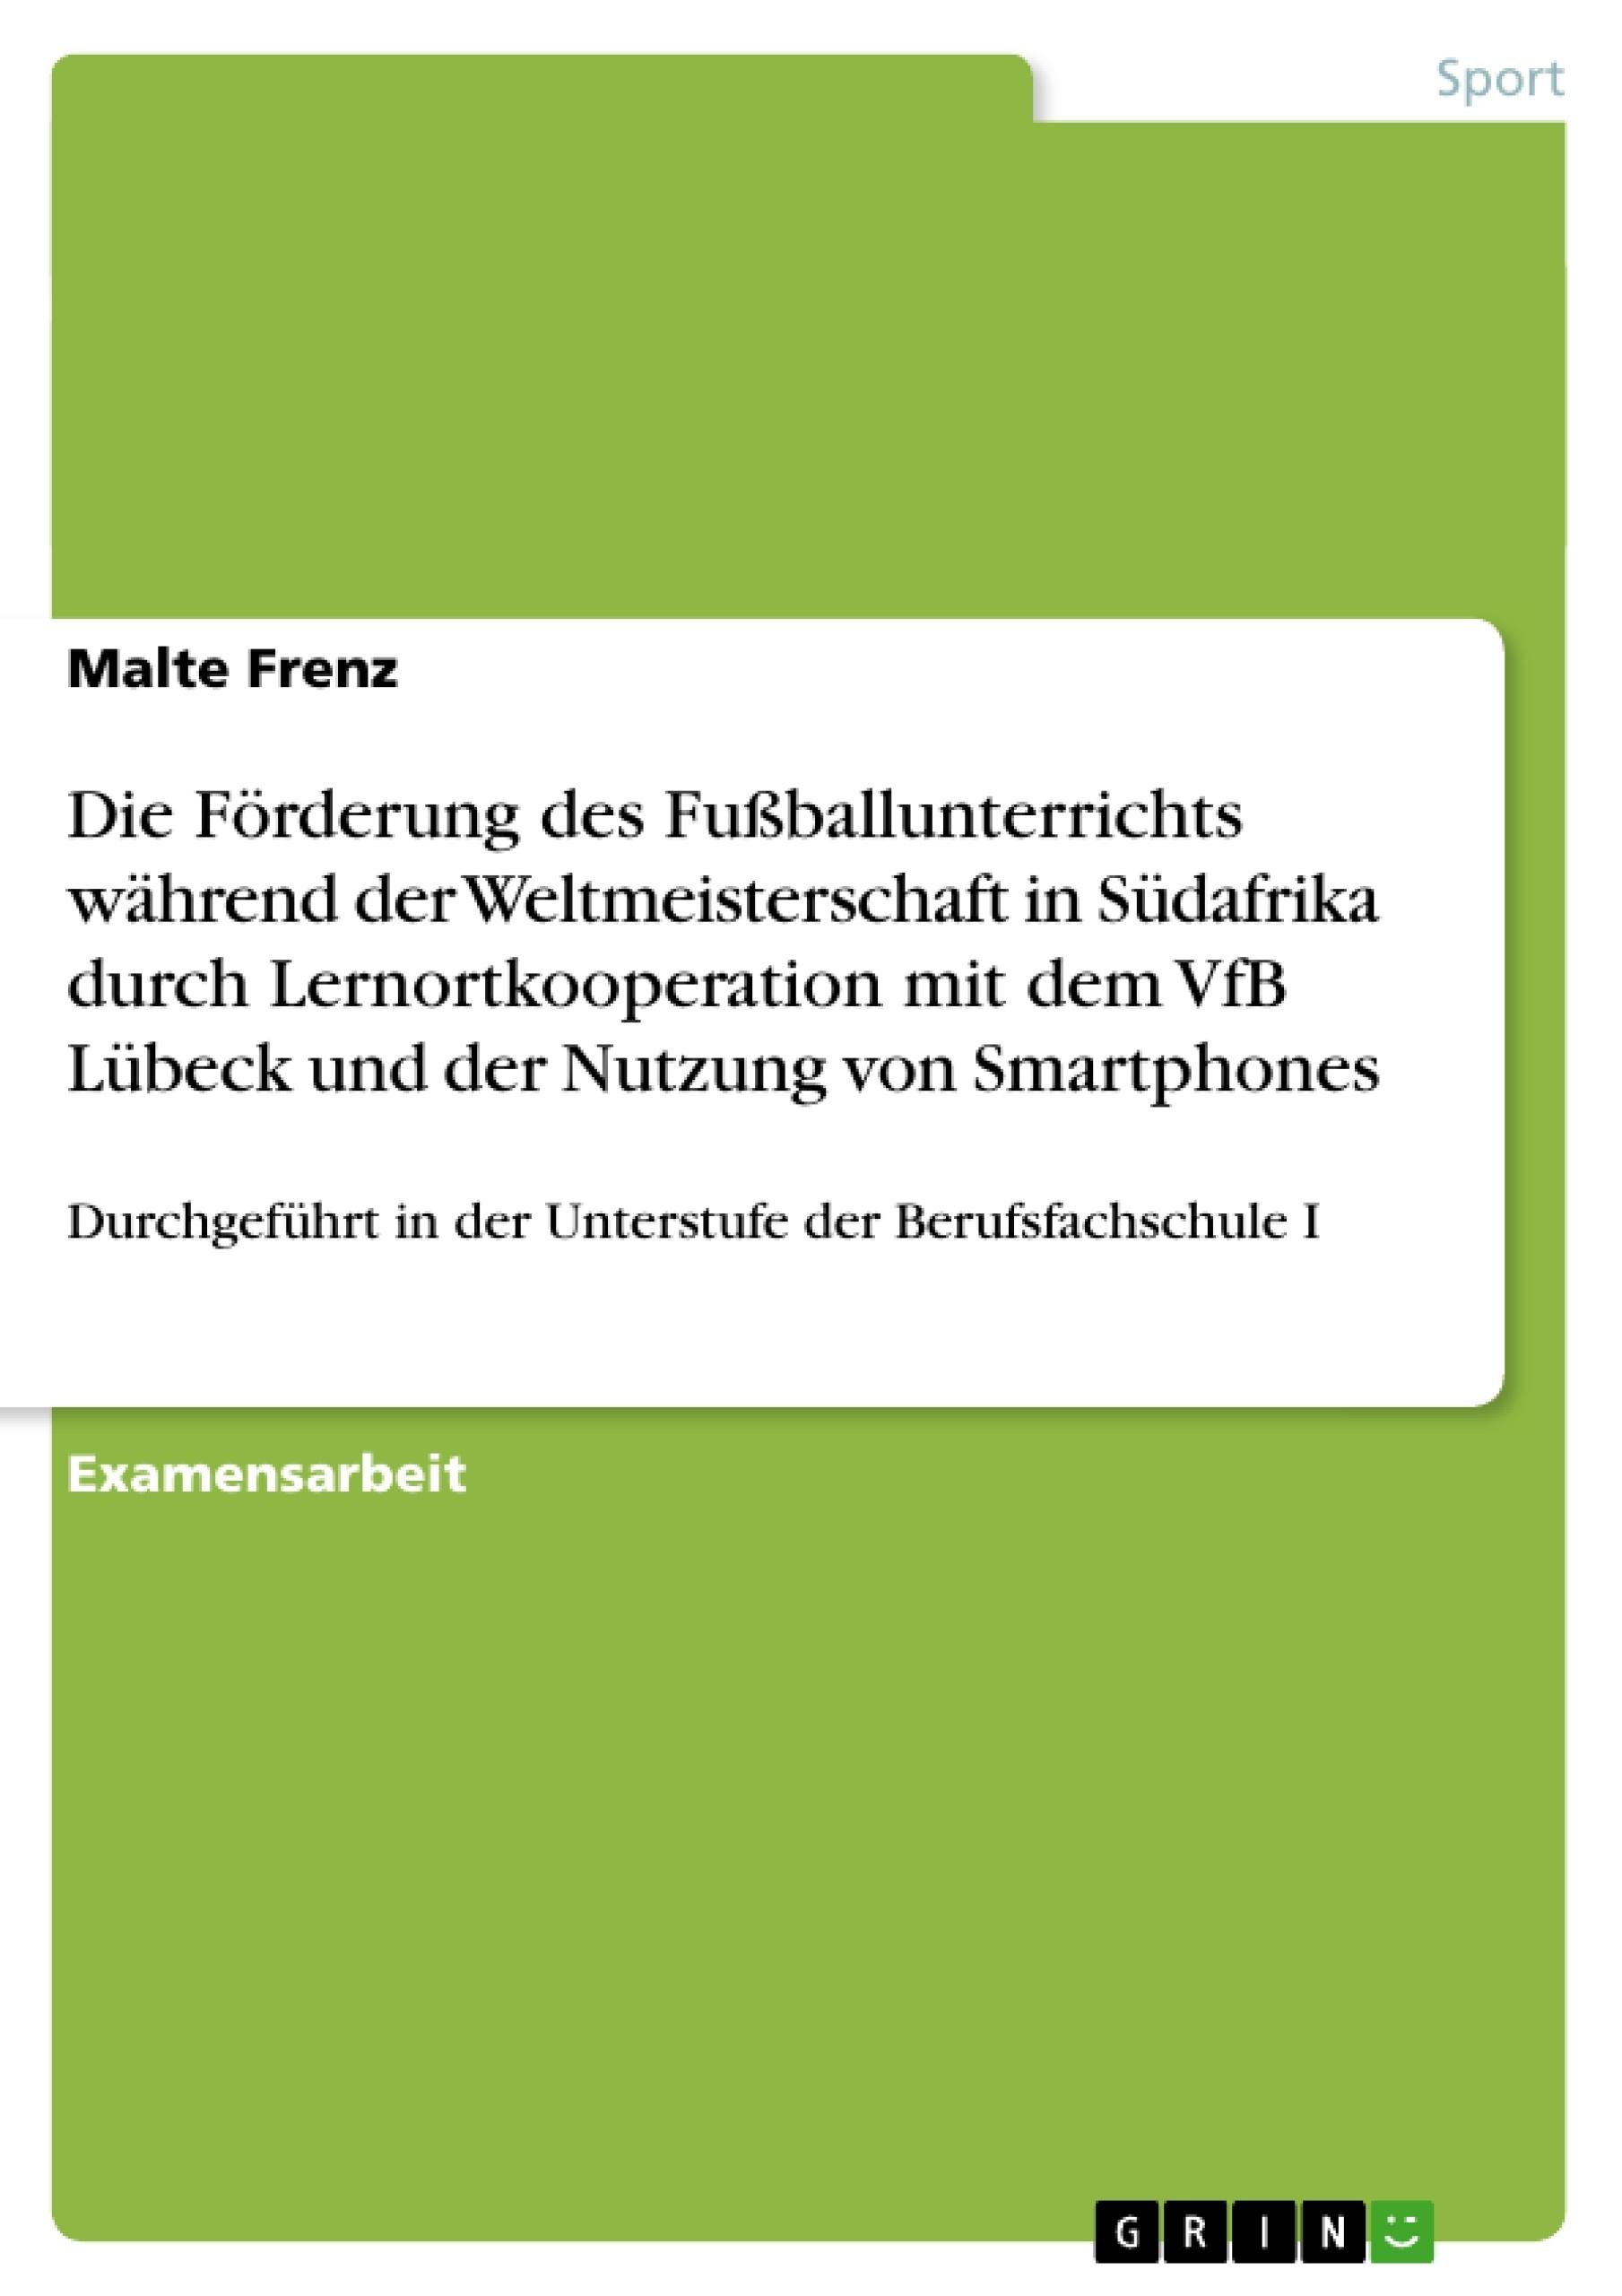 Titel: Die Förderung des Fußballunterrichts während der Weltmeisterschaft in Südafrika durch Lernortkooperation mit dem VfB Lübeck und der Nutzung von Smartphones